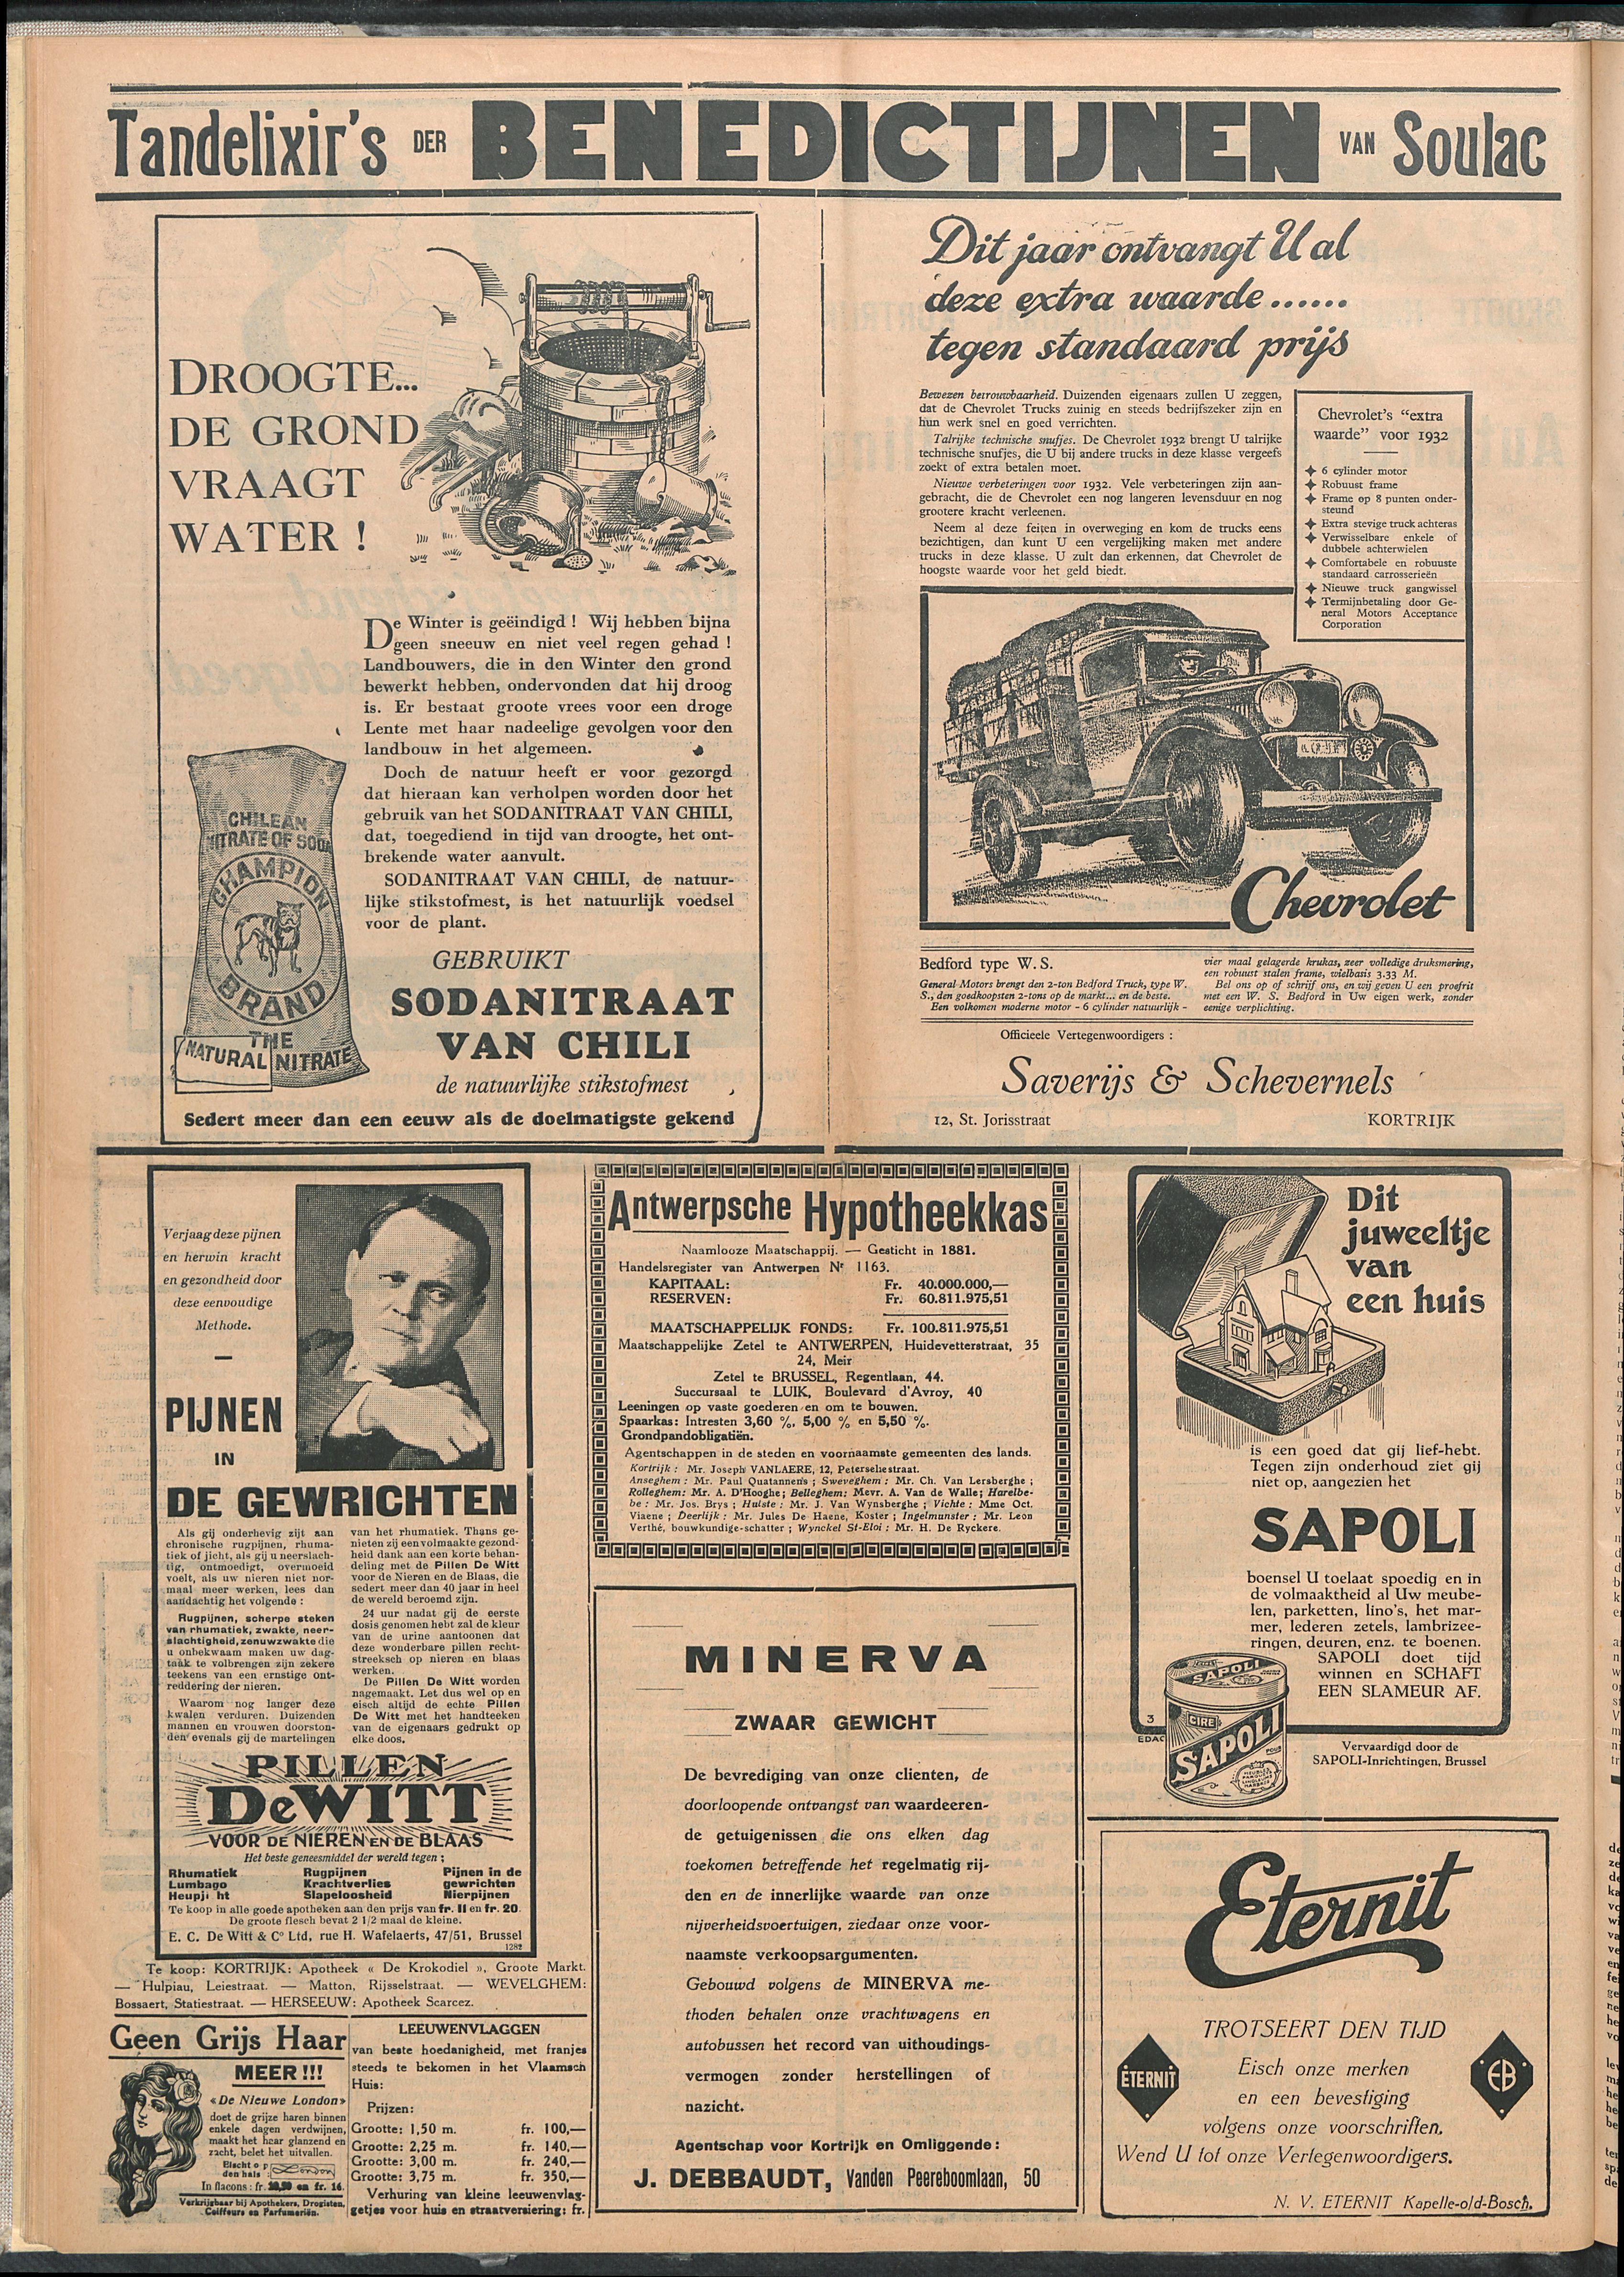 Het Kortrijksche Volk 1932-04-17 p4